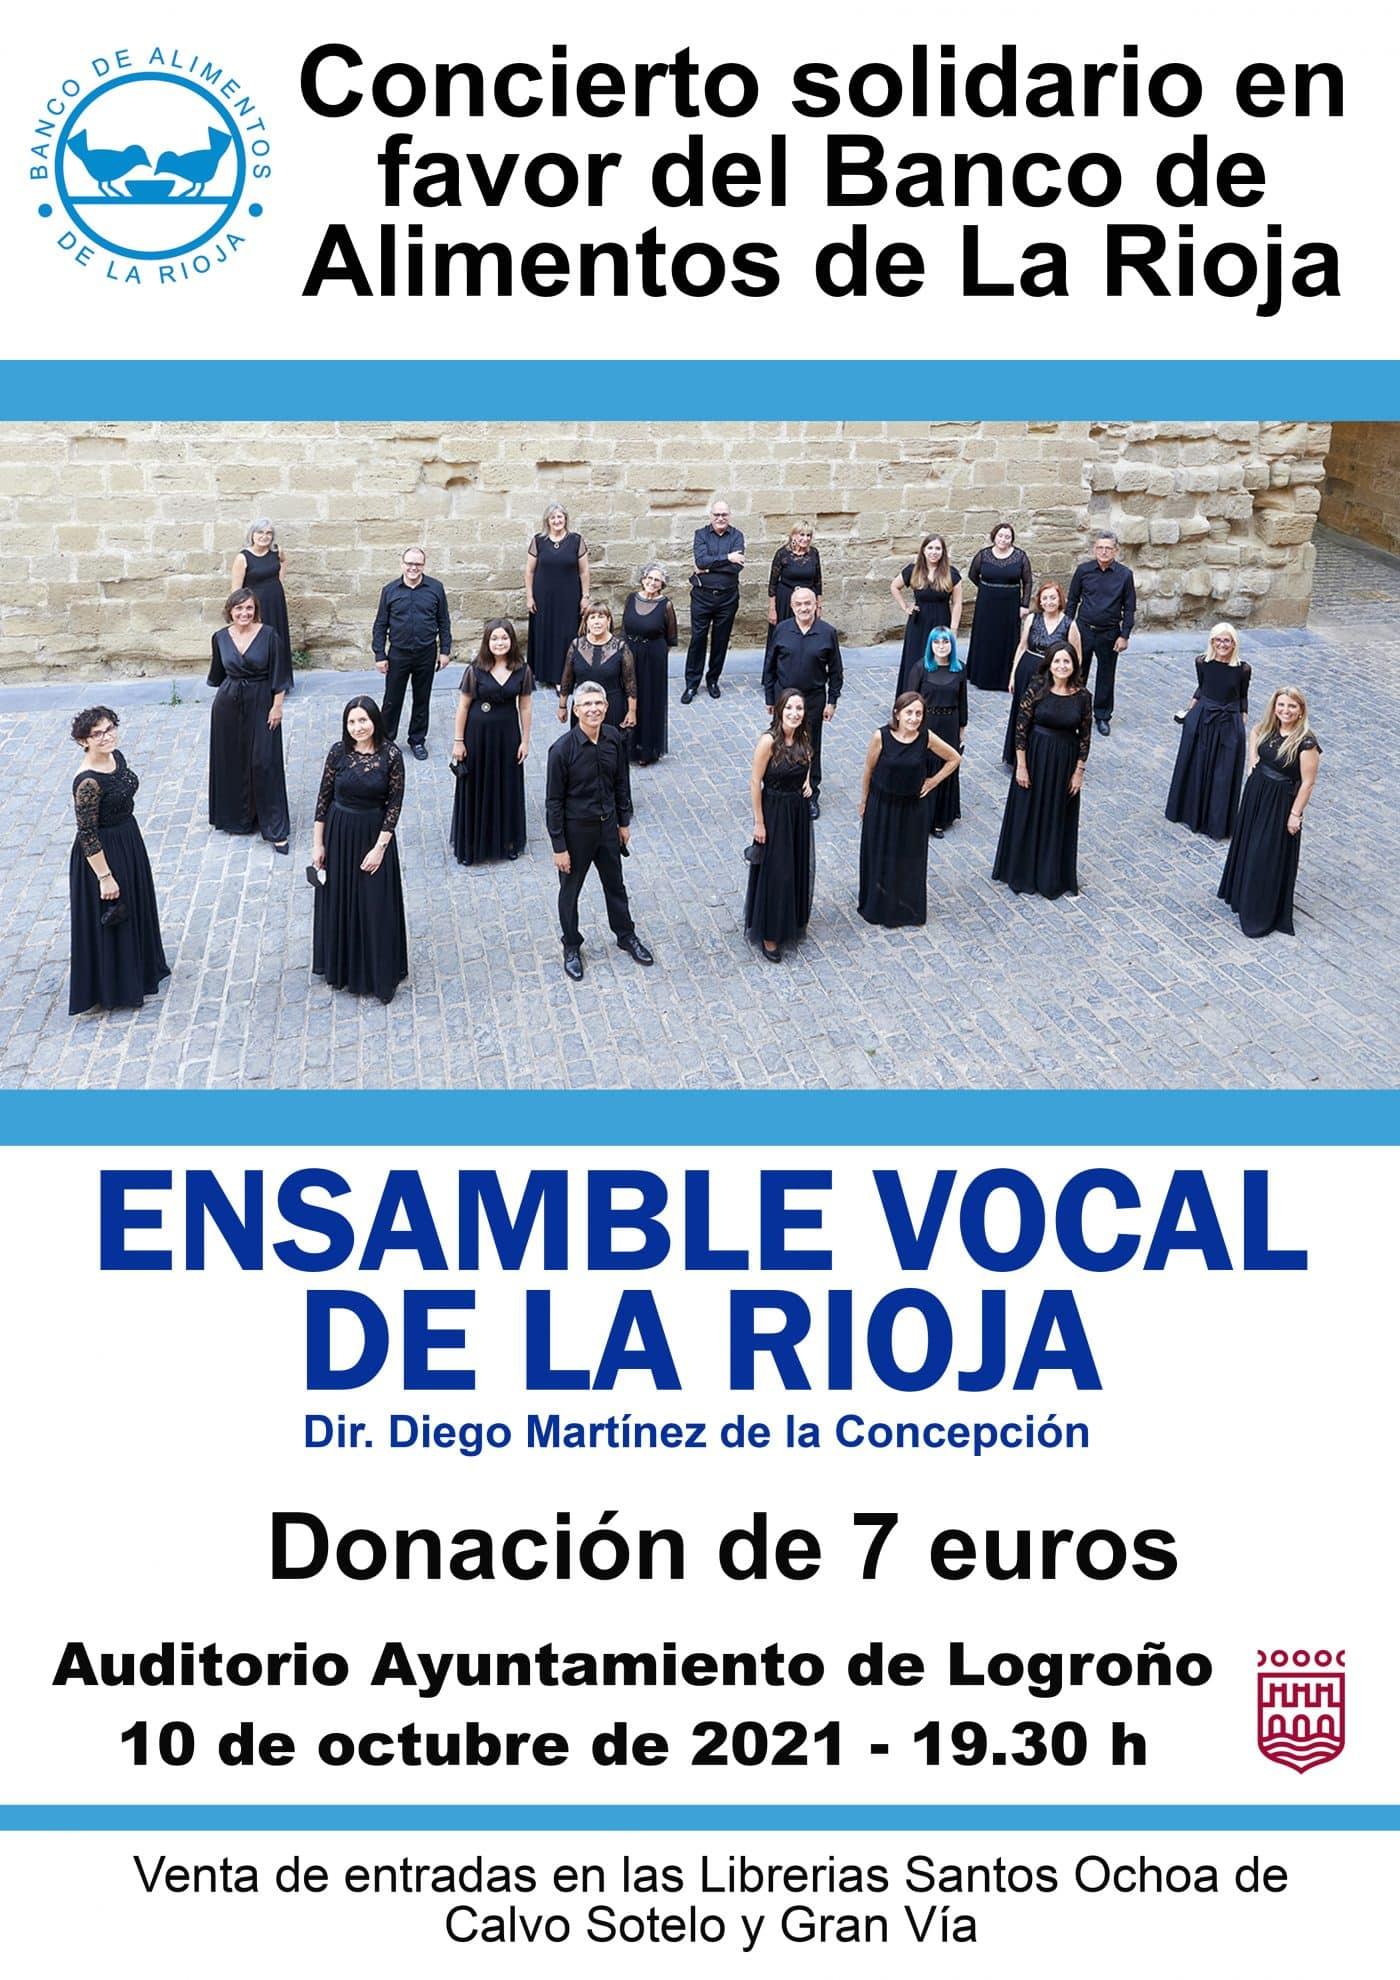 Ensamble Vocal de La Rioja ofrece este domingo un concierto en favor del Banco de Alimentos 1